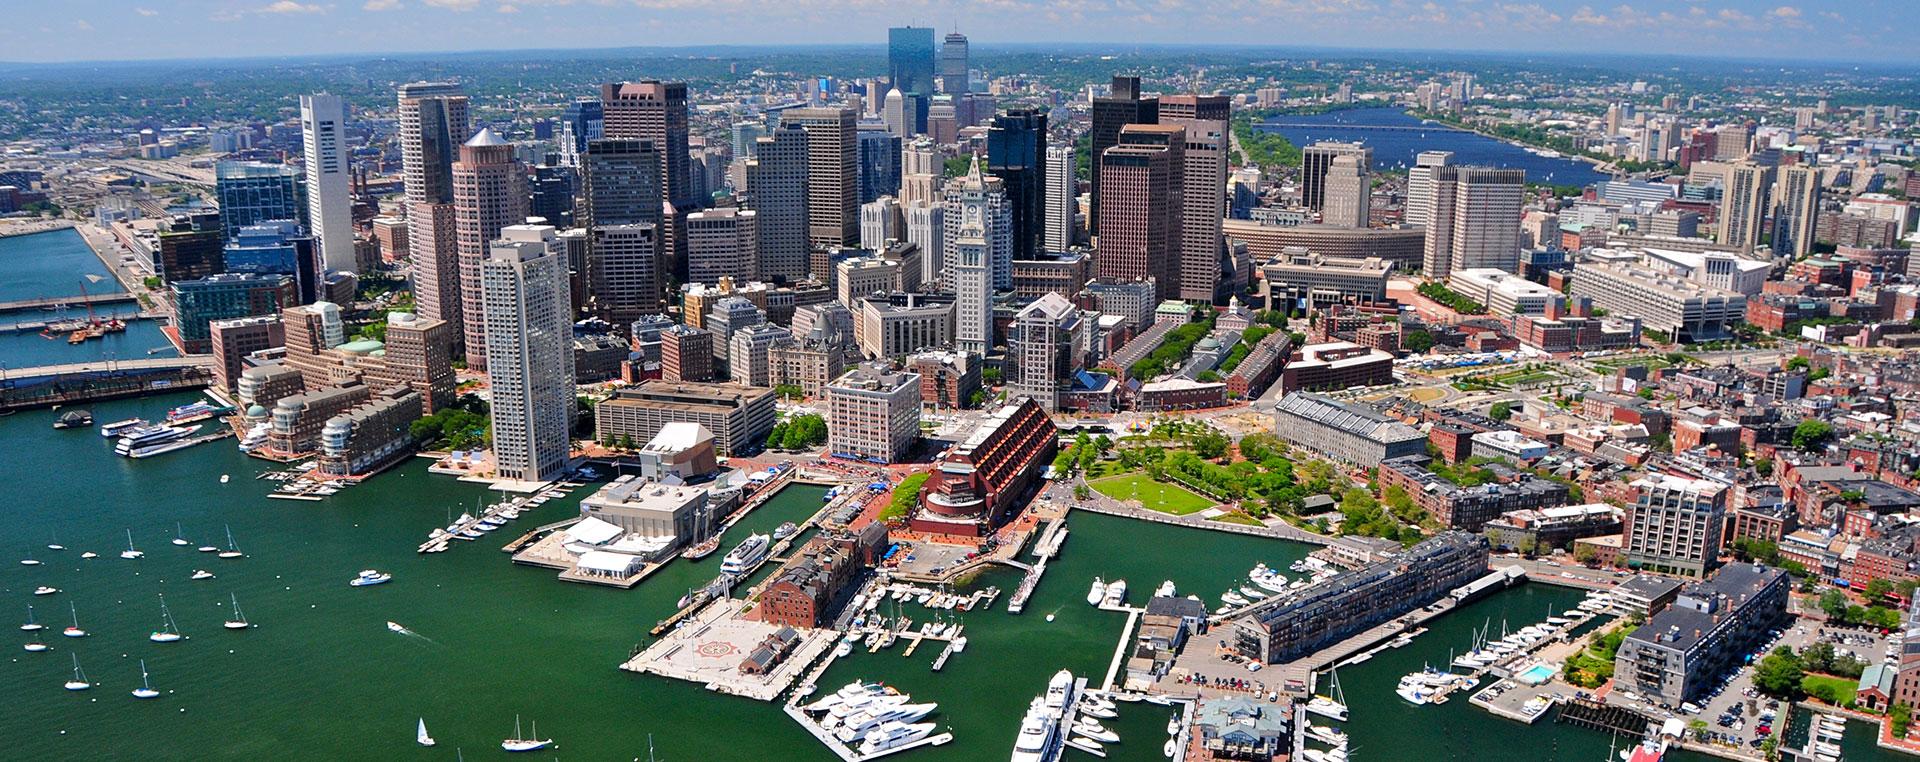 Boston più bella velocità dating fare Latinas incontri ragazzi bianchi